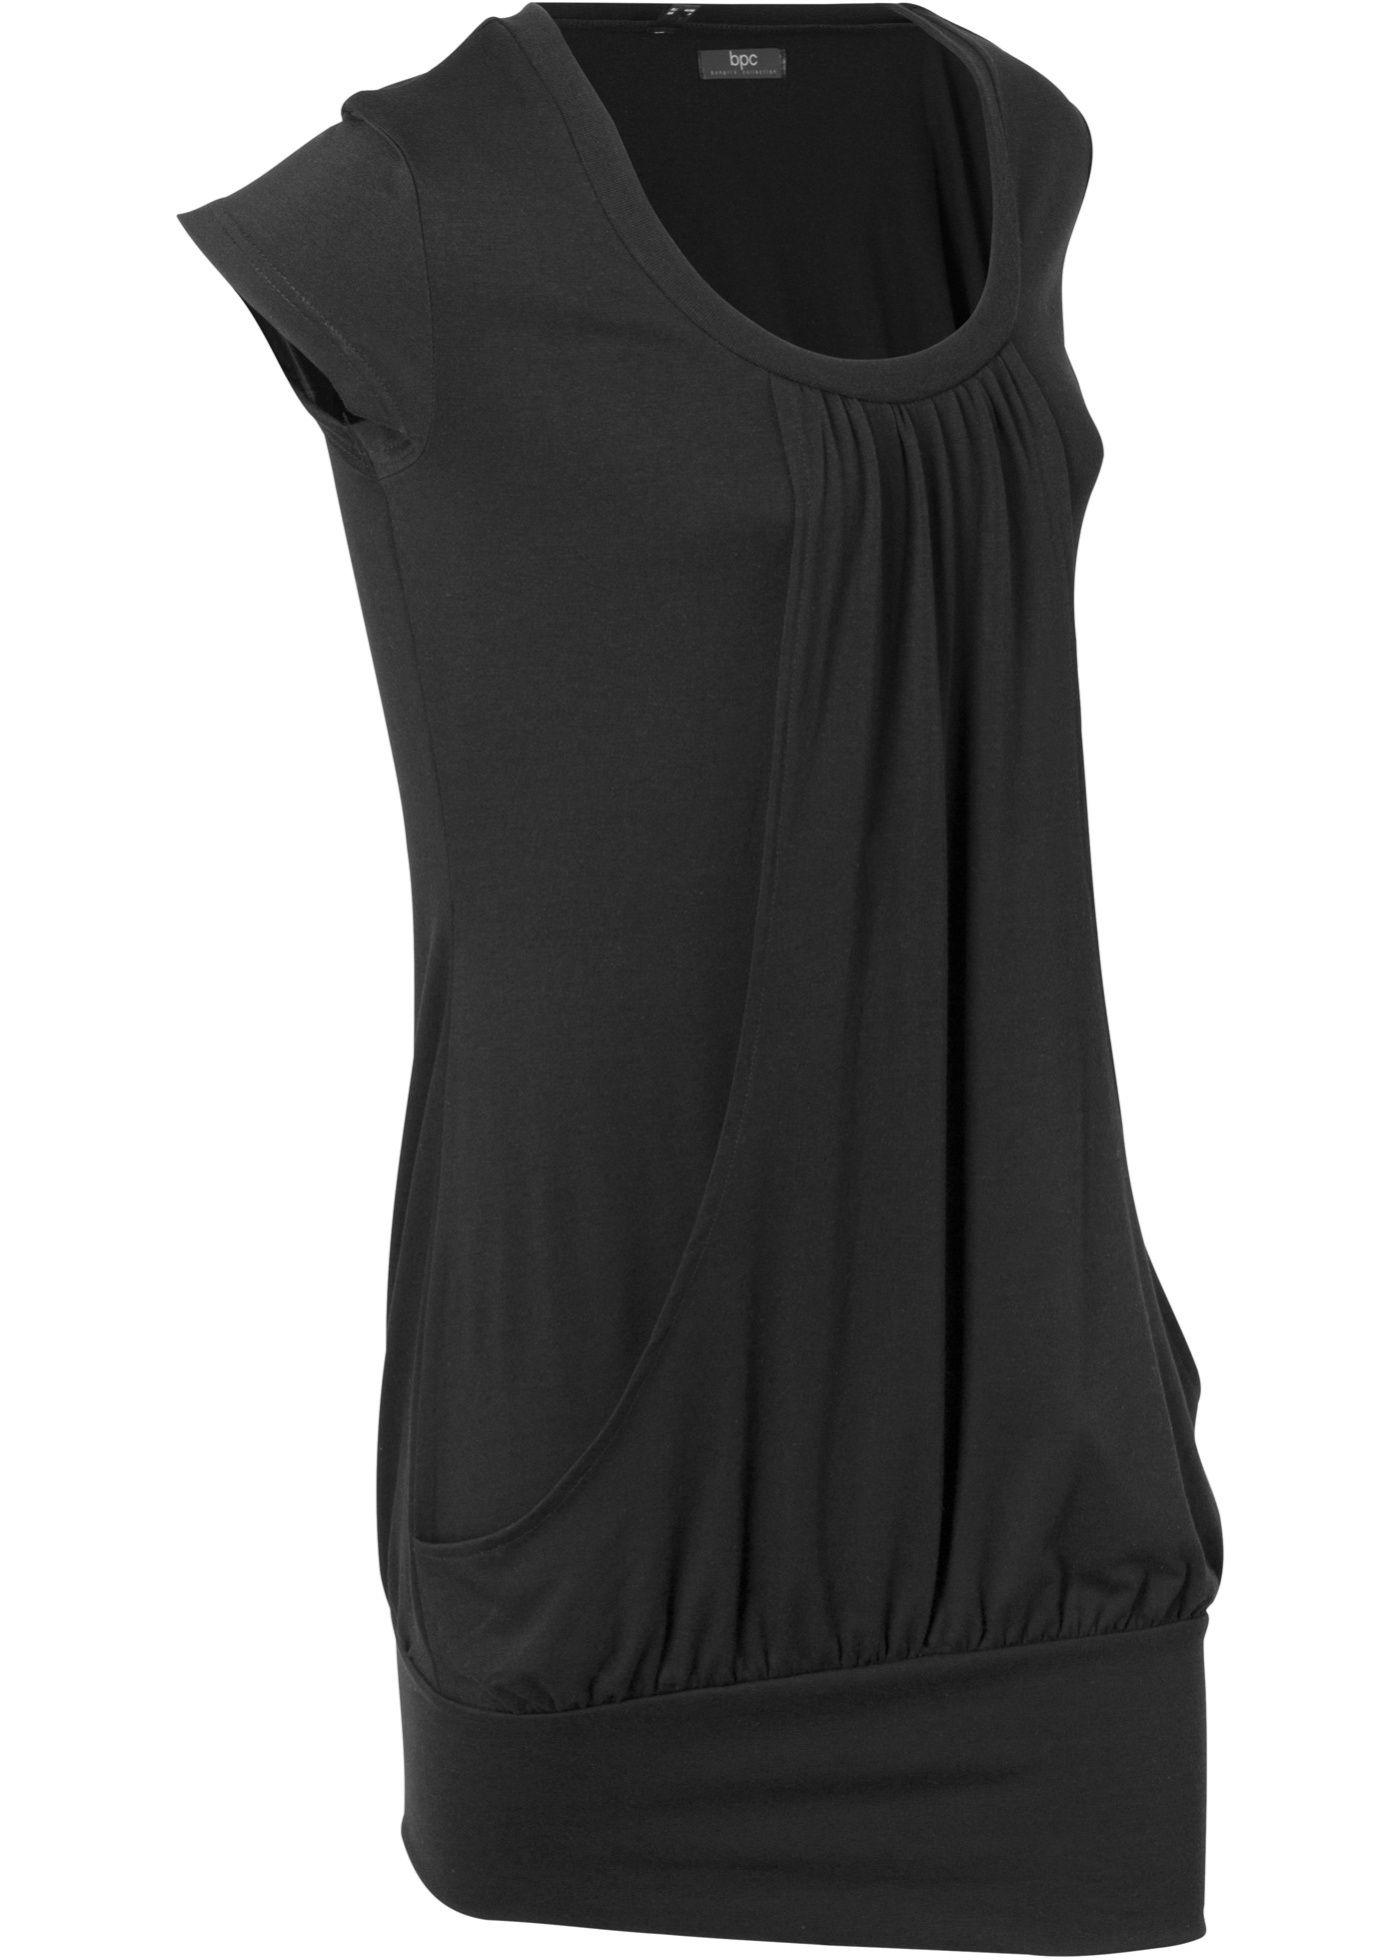 Wellness-Kleid | Kleider, Damen bekleidung und Bekleidung